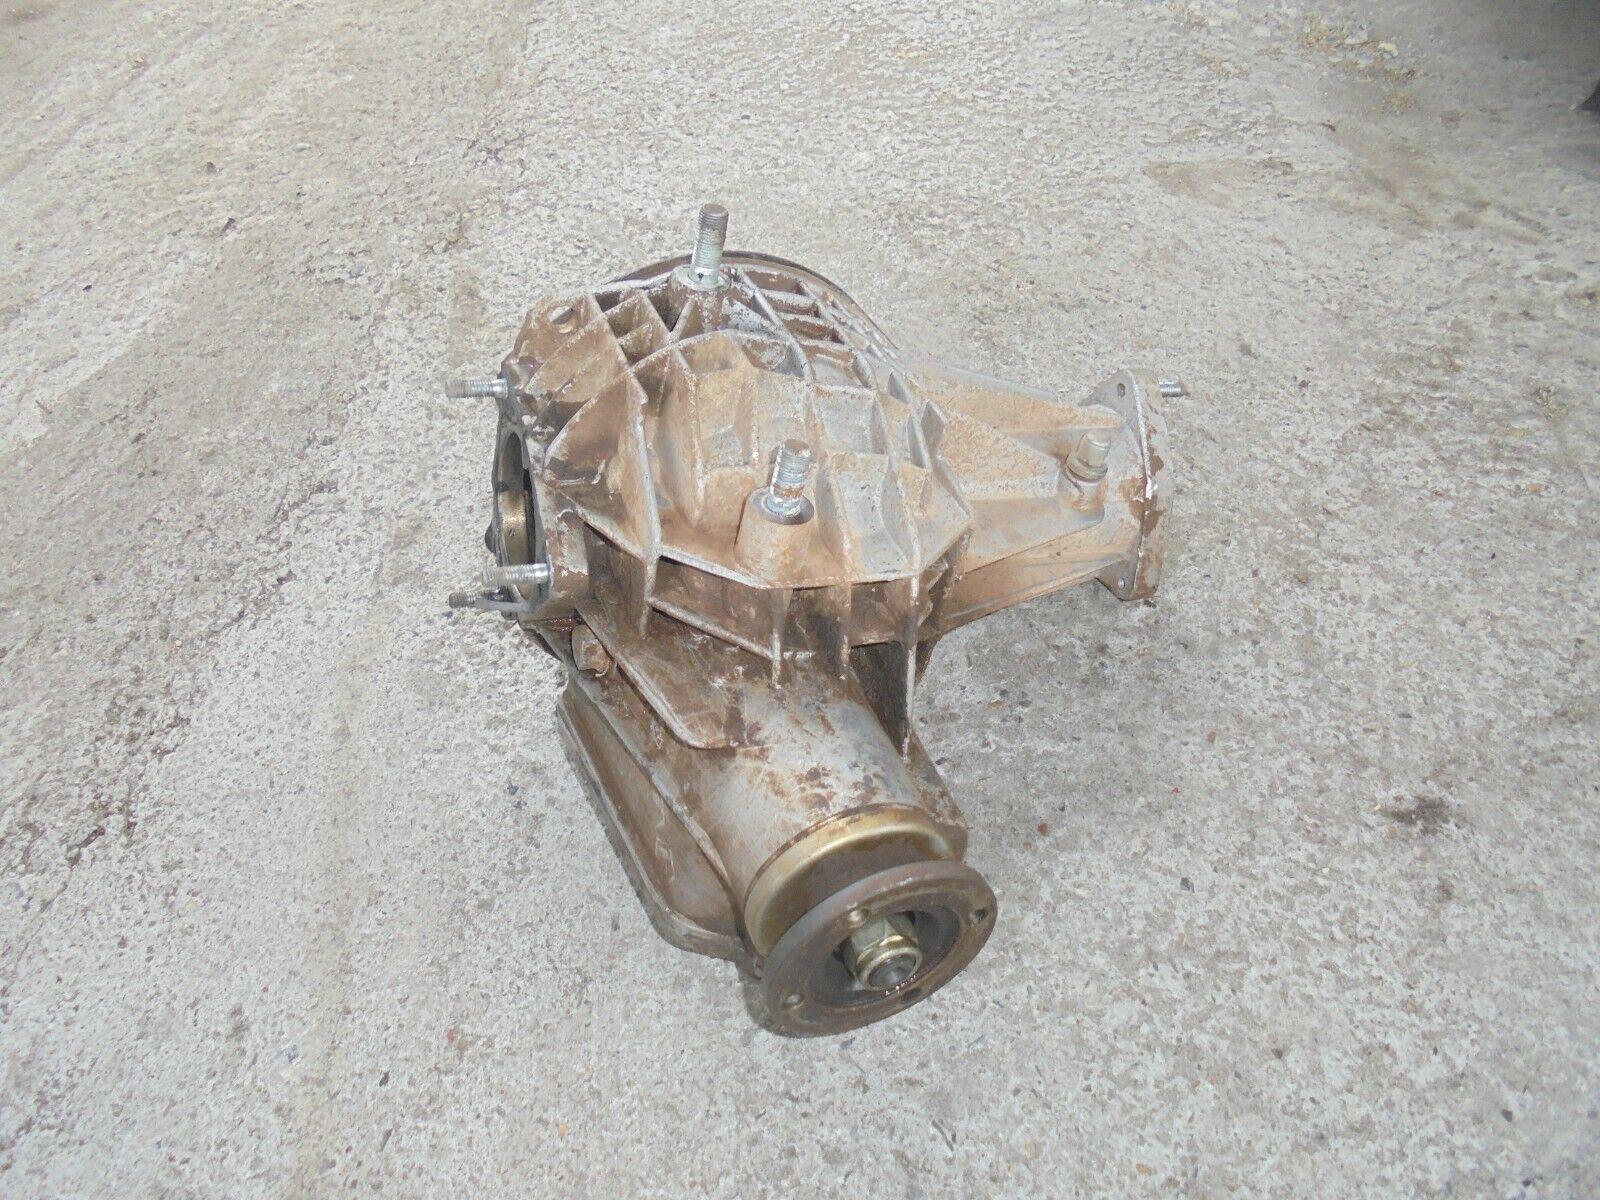 LADA Niva 1700 cm³ Schalter für Differentialsperrsignal Verteilergetriebe